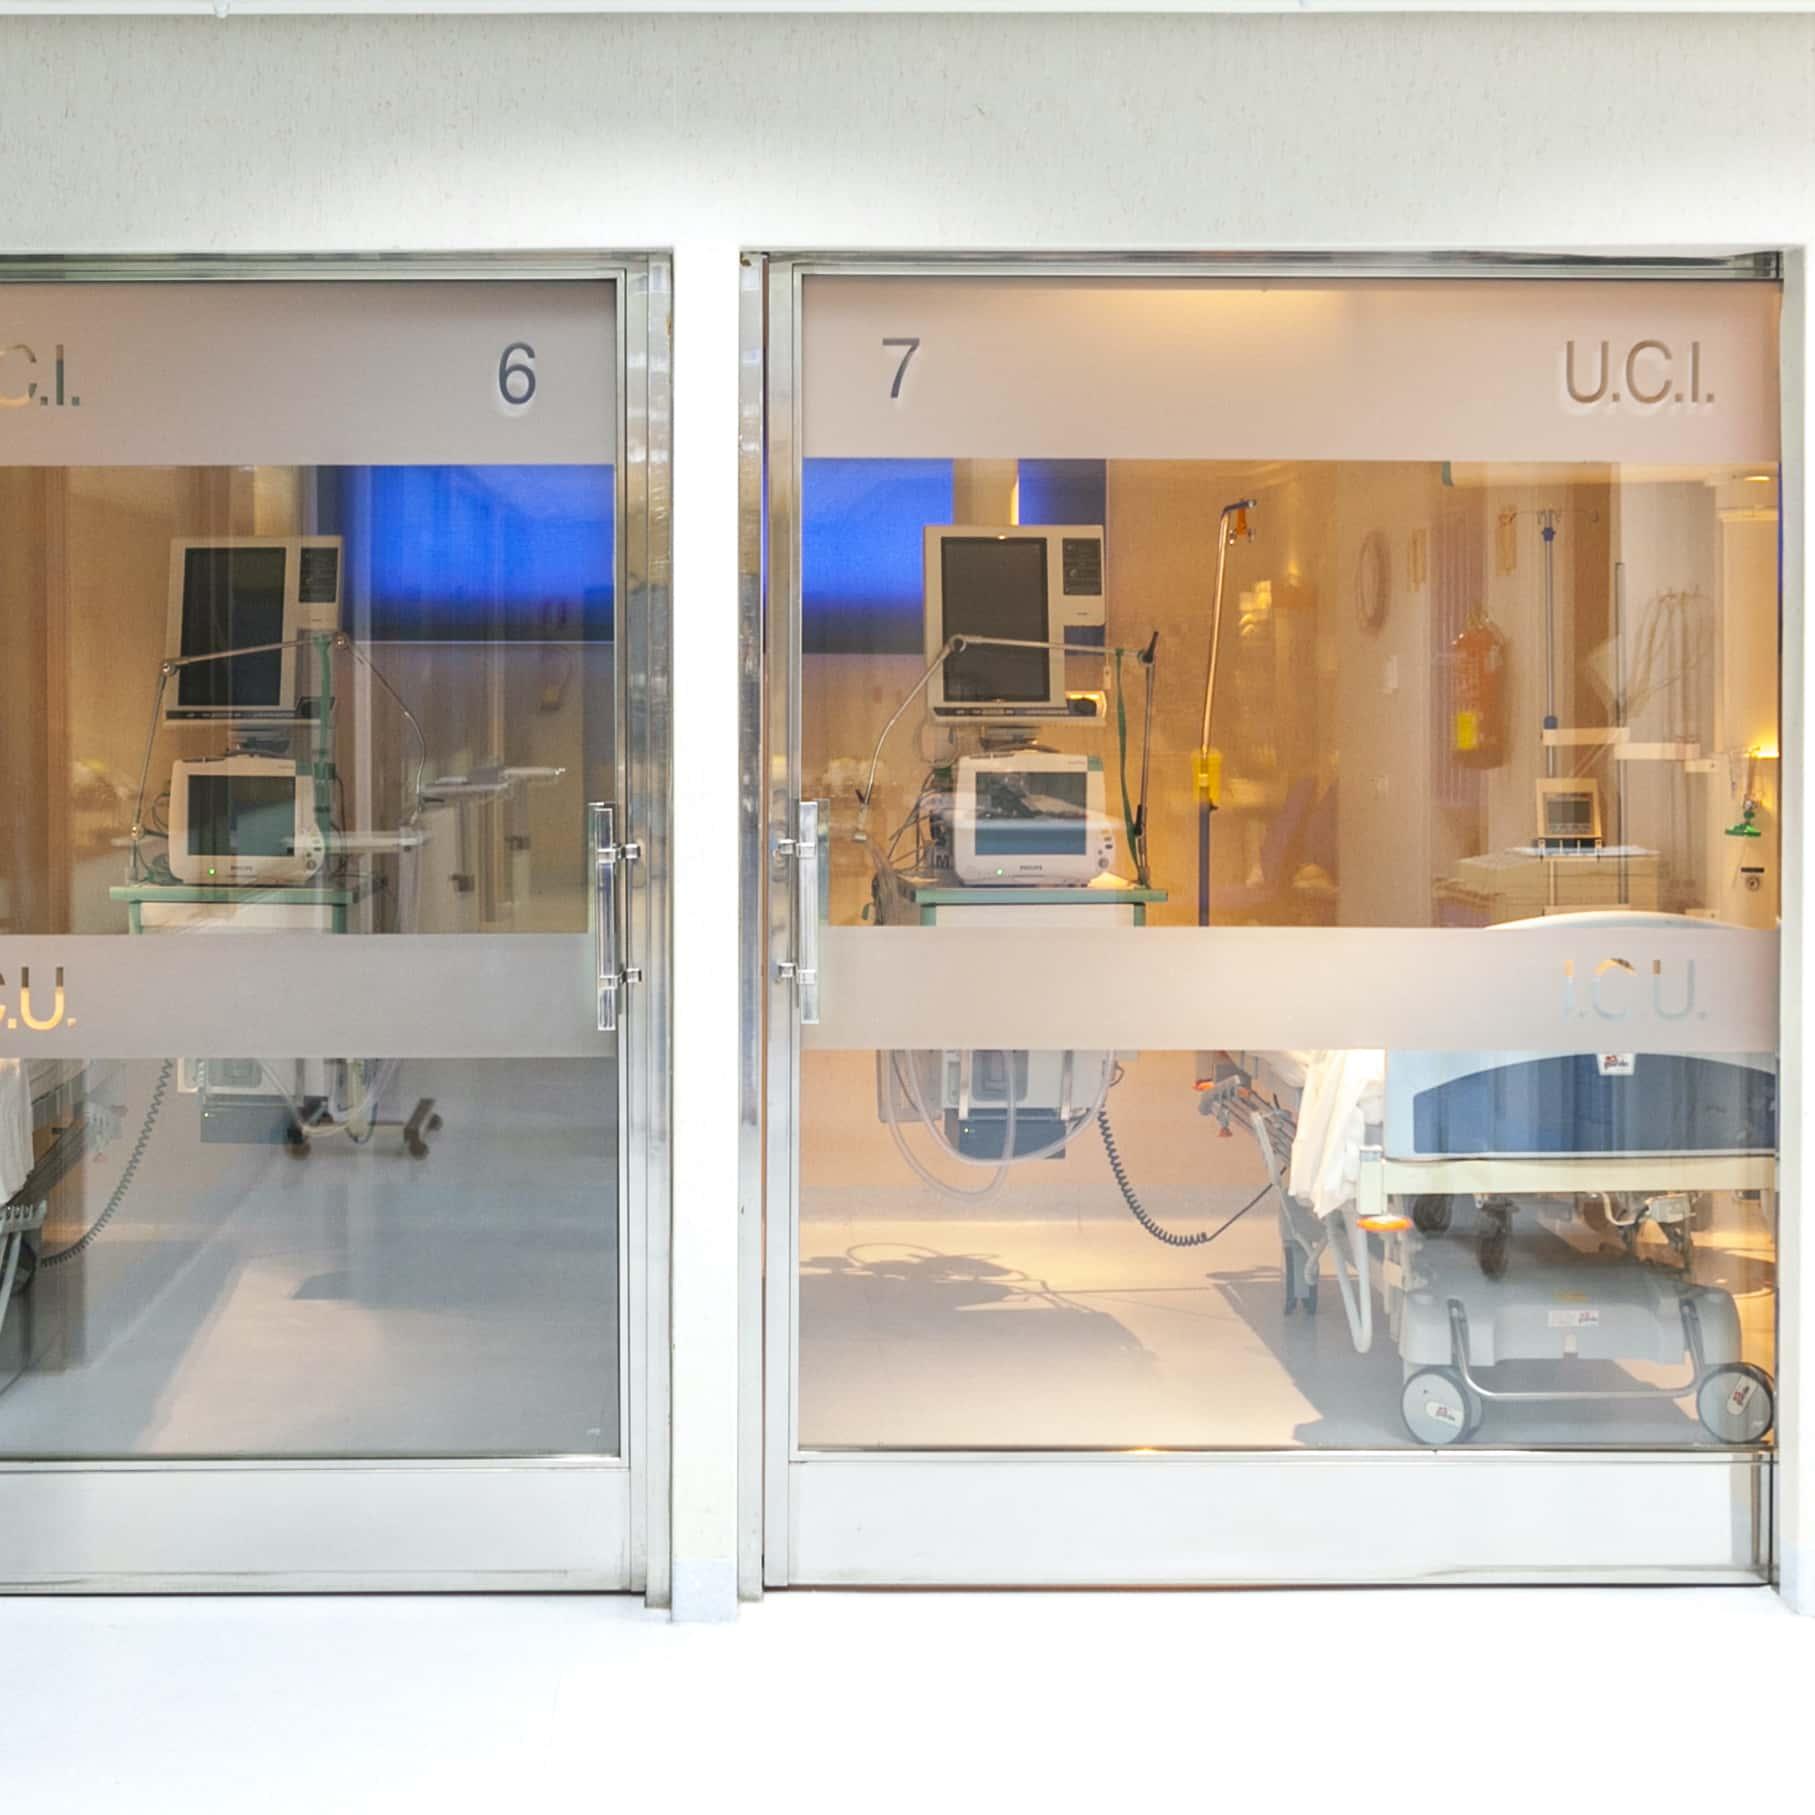 Medicina Intensiva Hospital Santa Elena, clinica médica en Torremolinos, Málaga. Servicios sanitarios en la Costa del Sol. Más de 30 especialidades y servicio de urgencias.